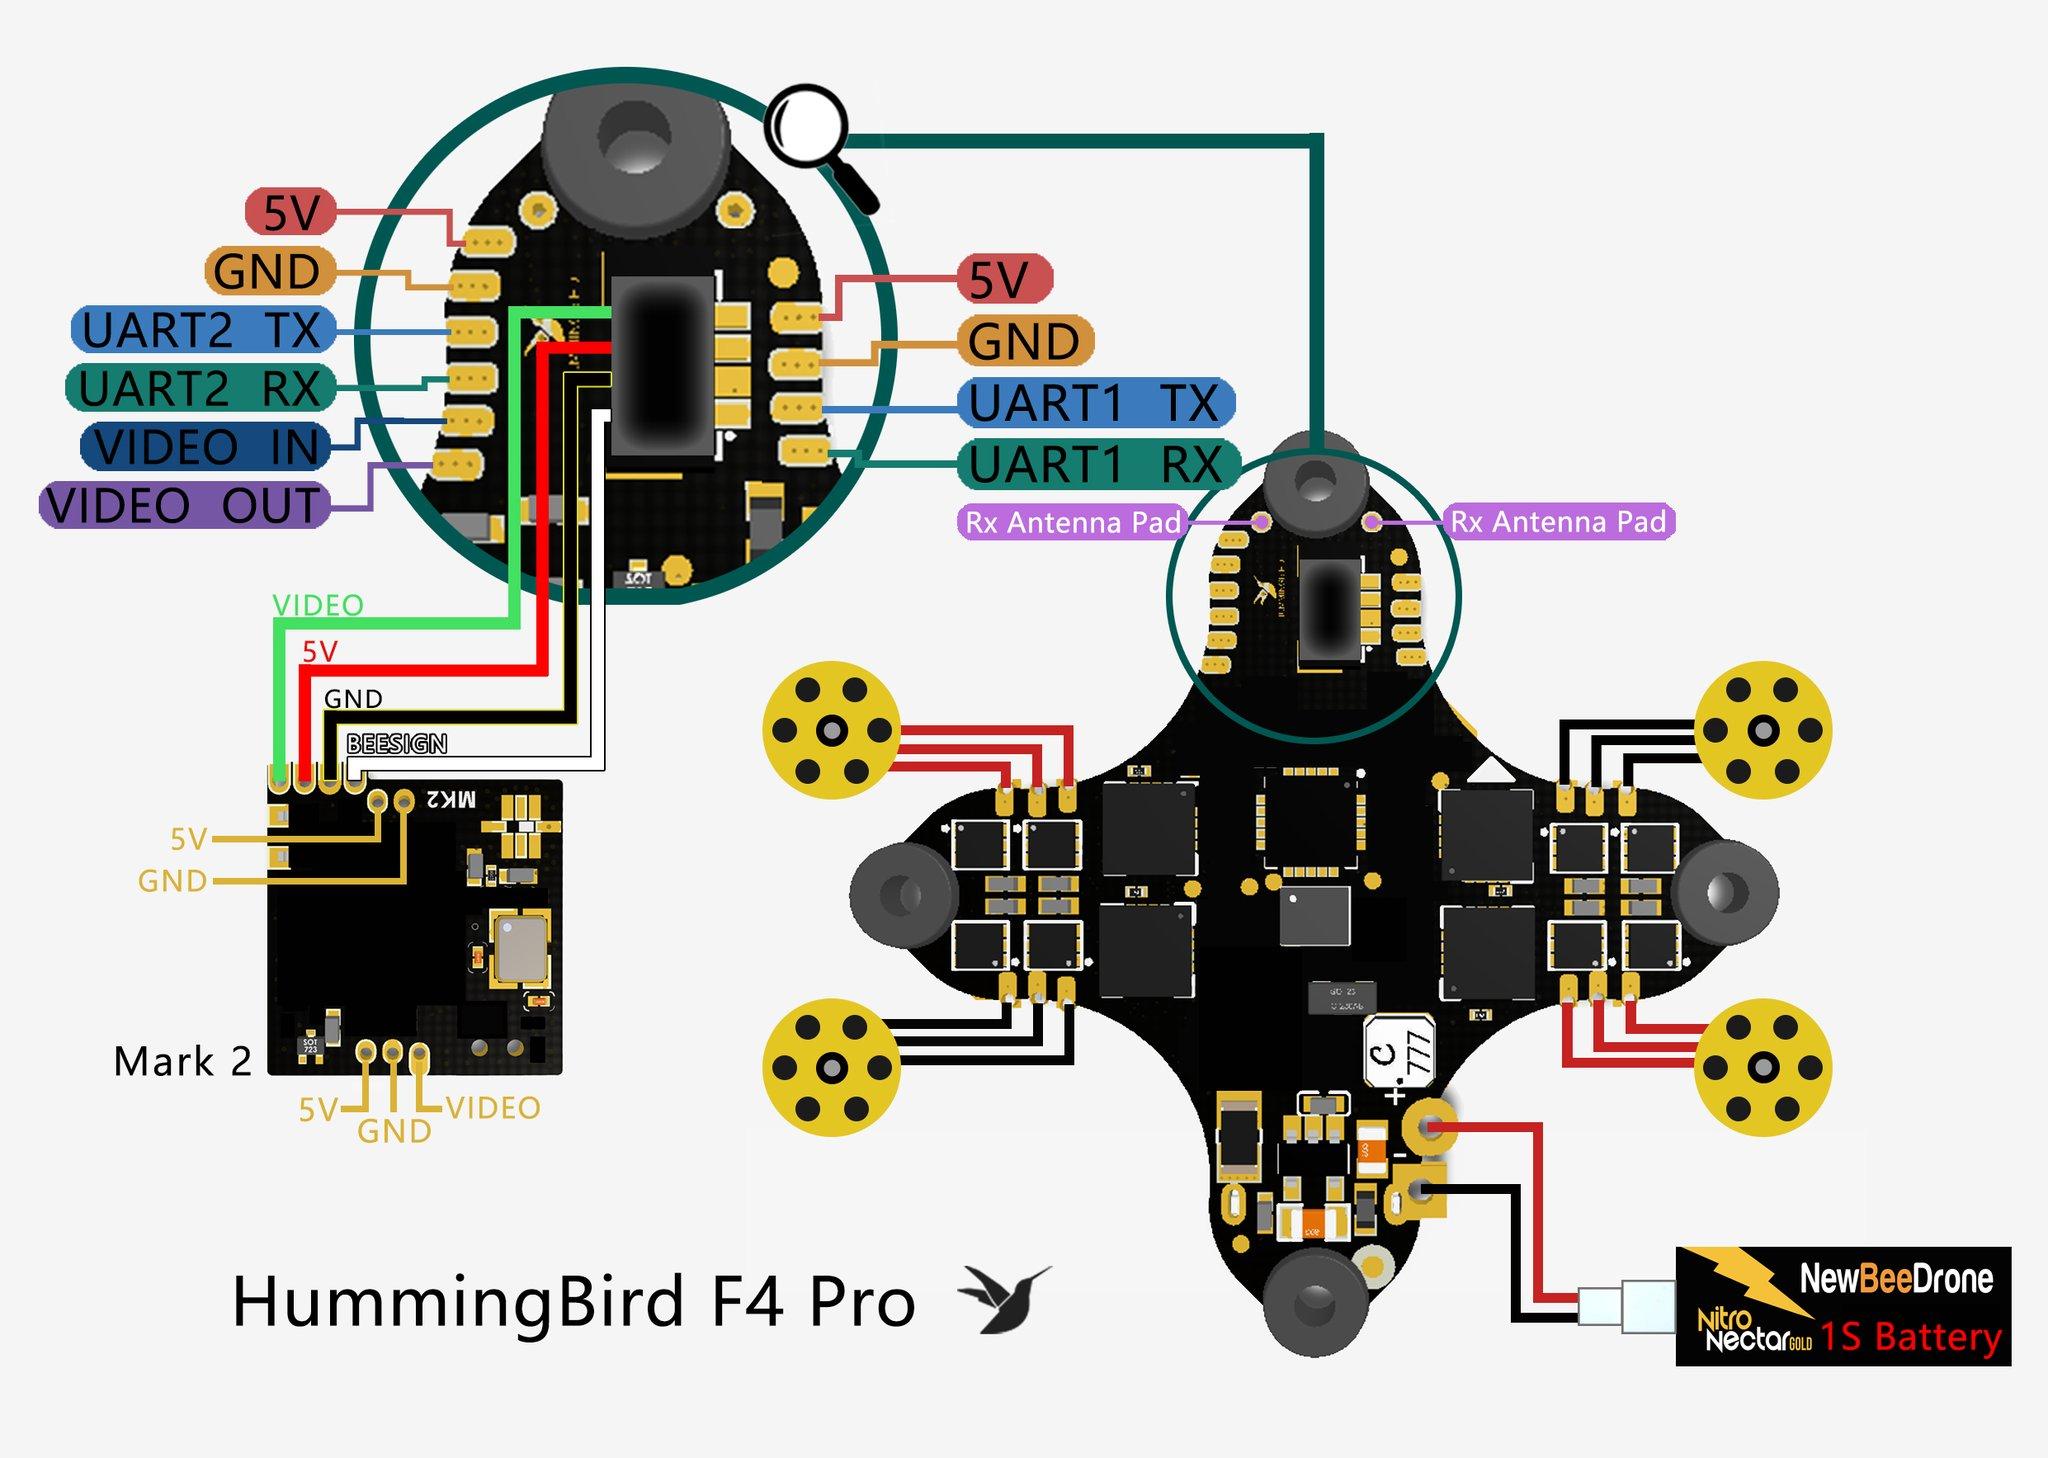 Hummingbird F4 Pro